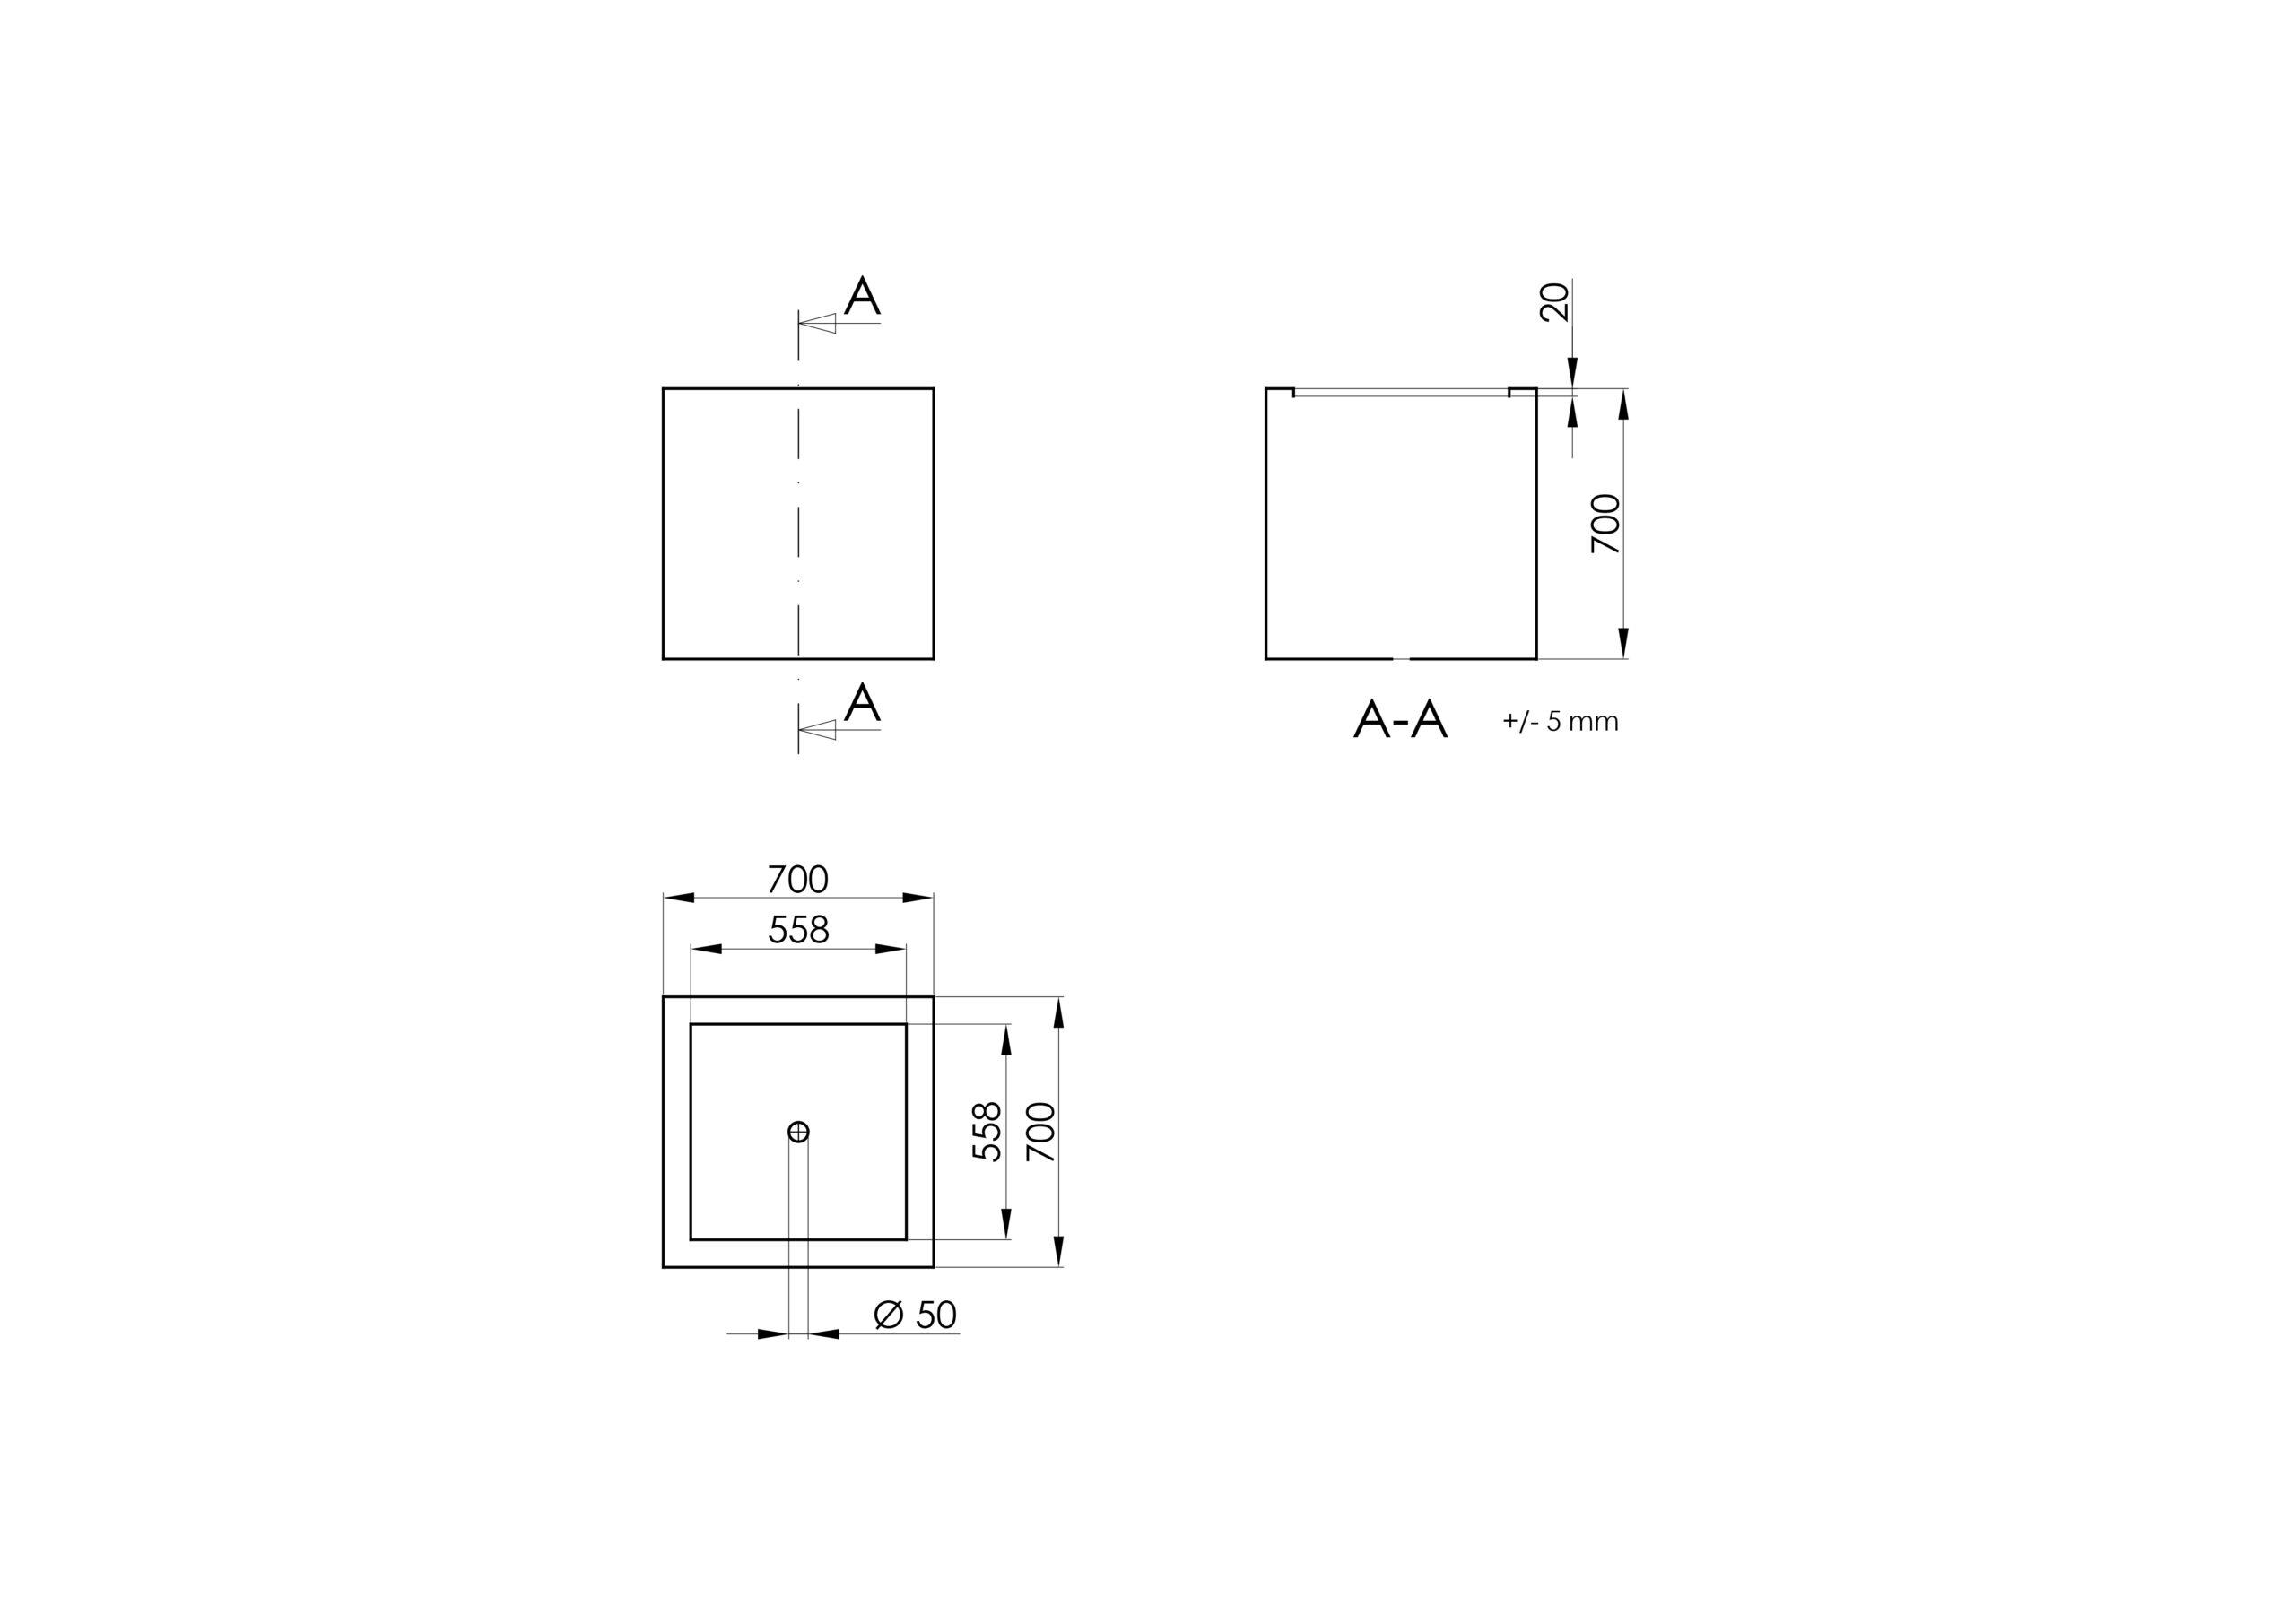 Antonio 4 - Technisches Zeichnen